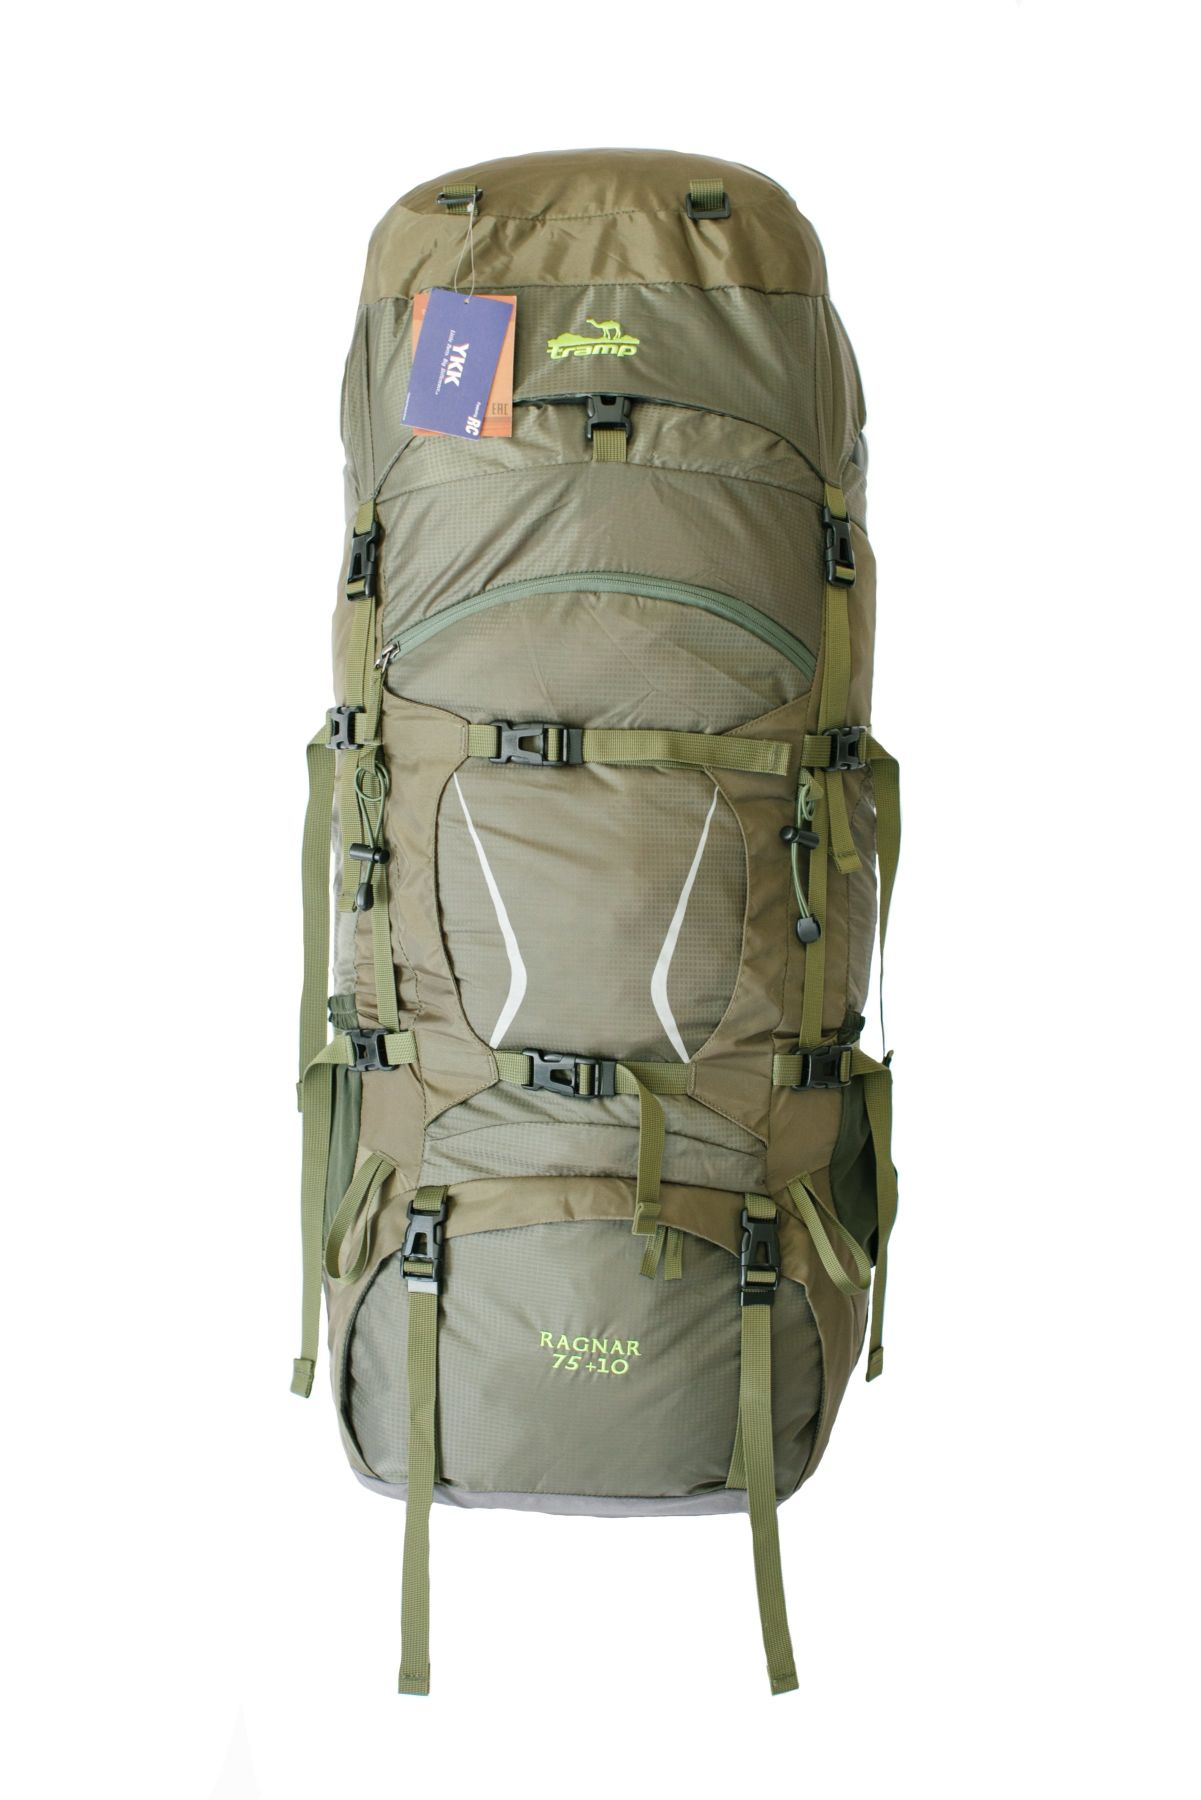 Туристический рюкзак Tramp Ragnar, зеленый, 75+10 л фото